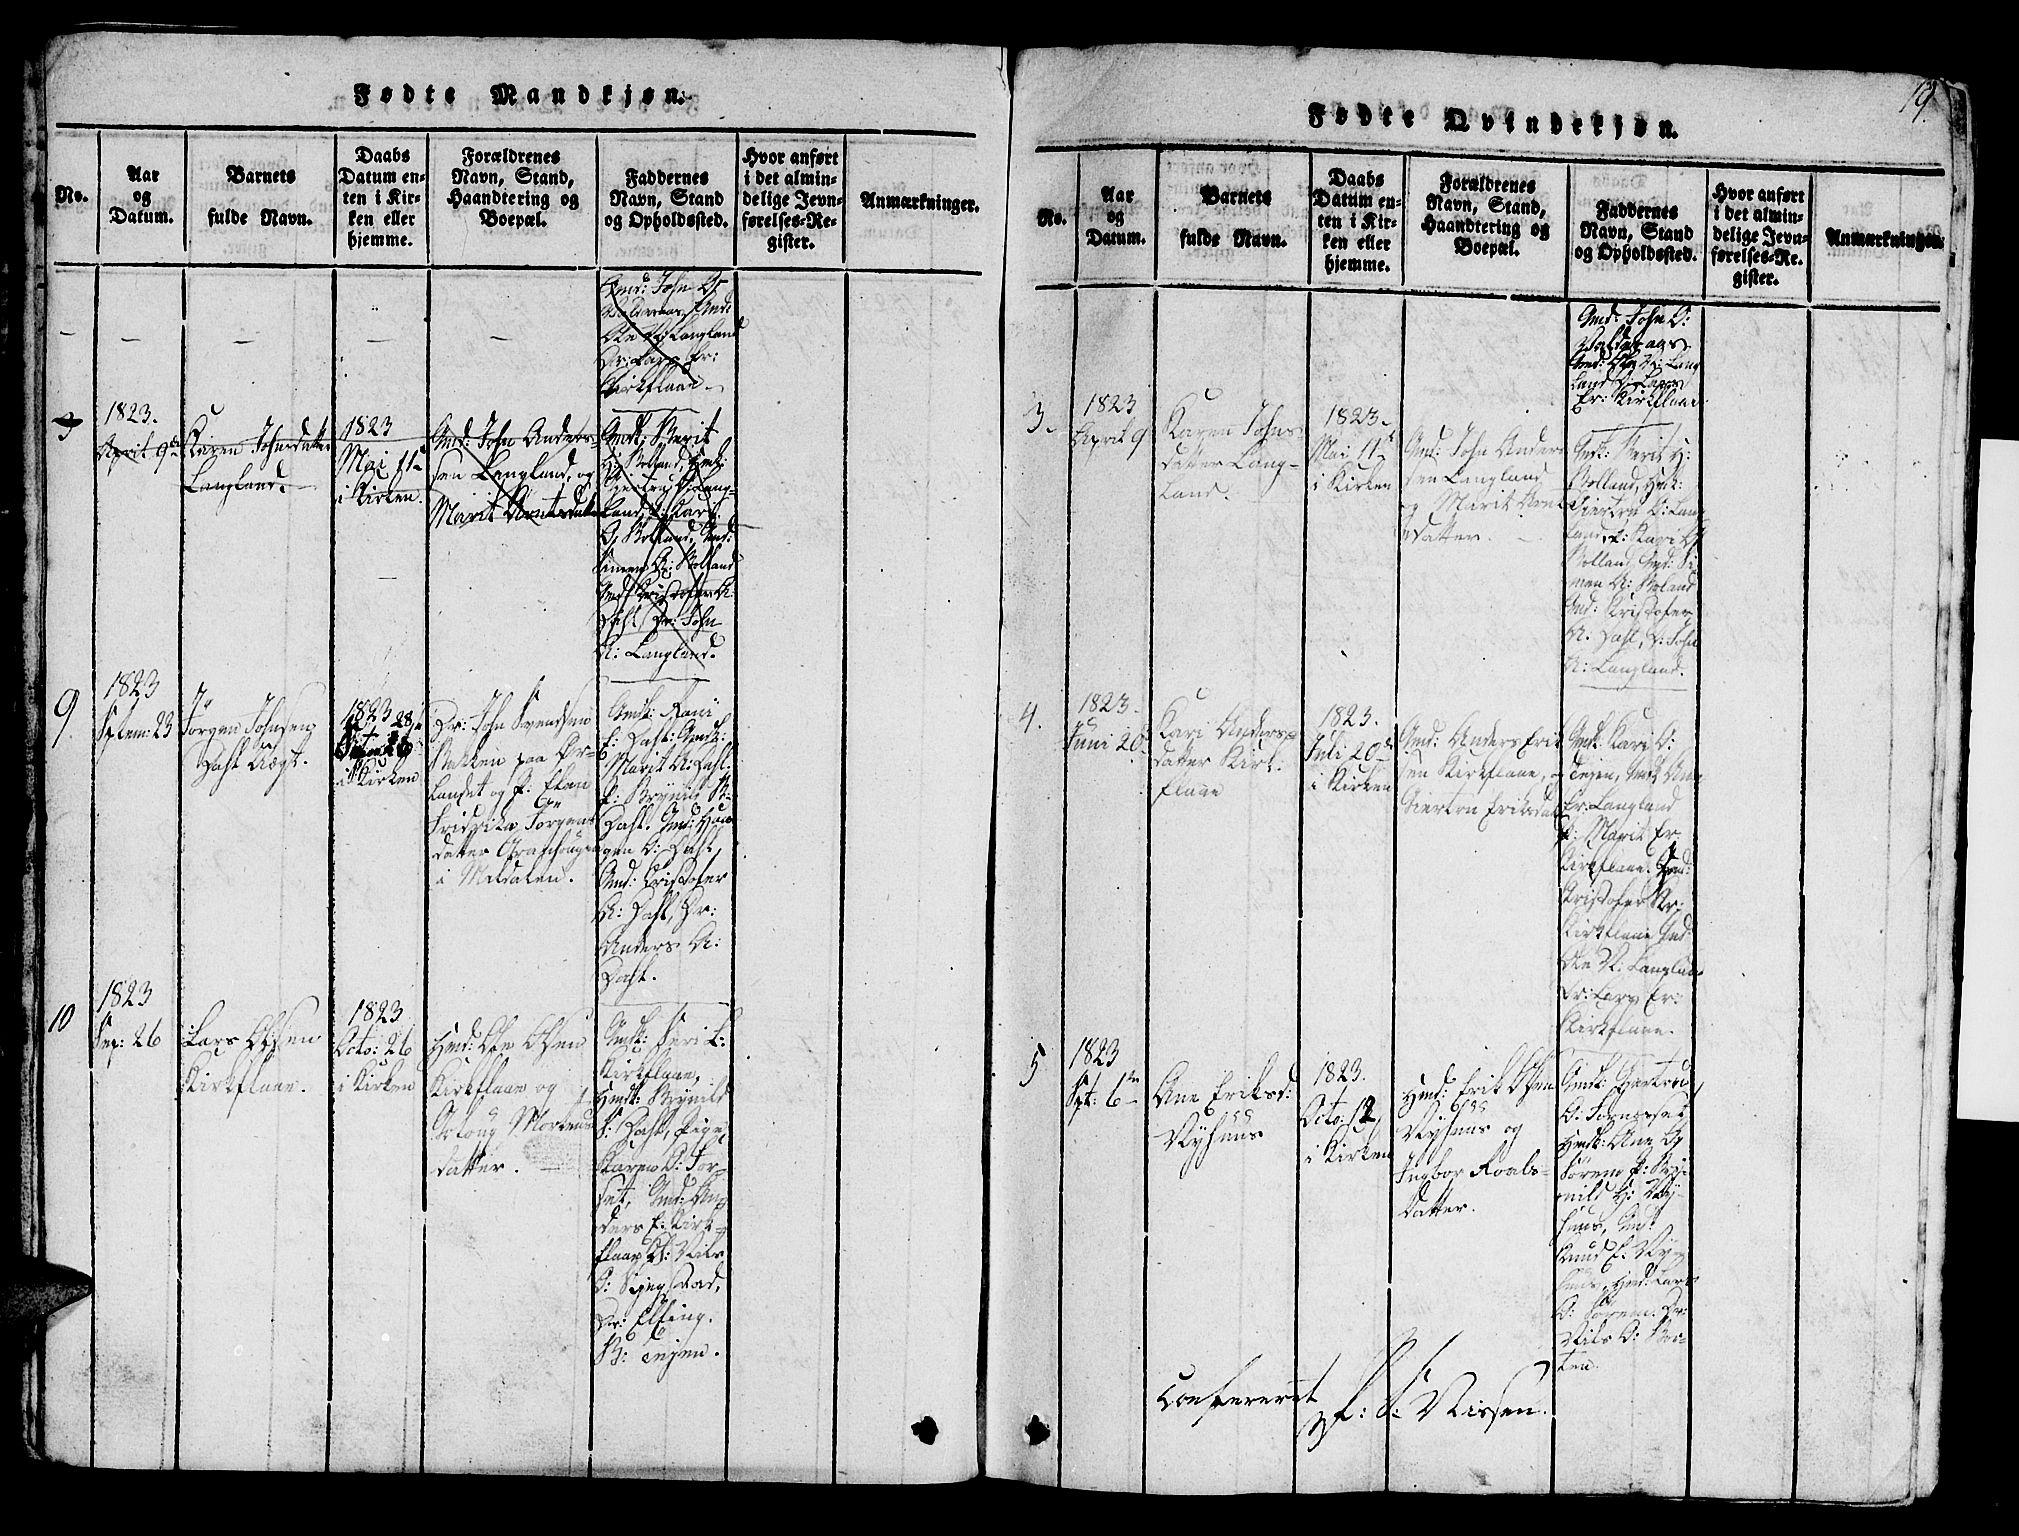 SAT, Ministerialprotokoller, klokkerbøker og fødselsregistre - Sør-Trøndelag, 693/L1121: Klokkerbok nr. 693C02, 1816-1869, s. 19